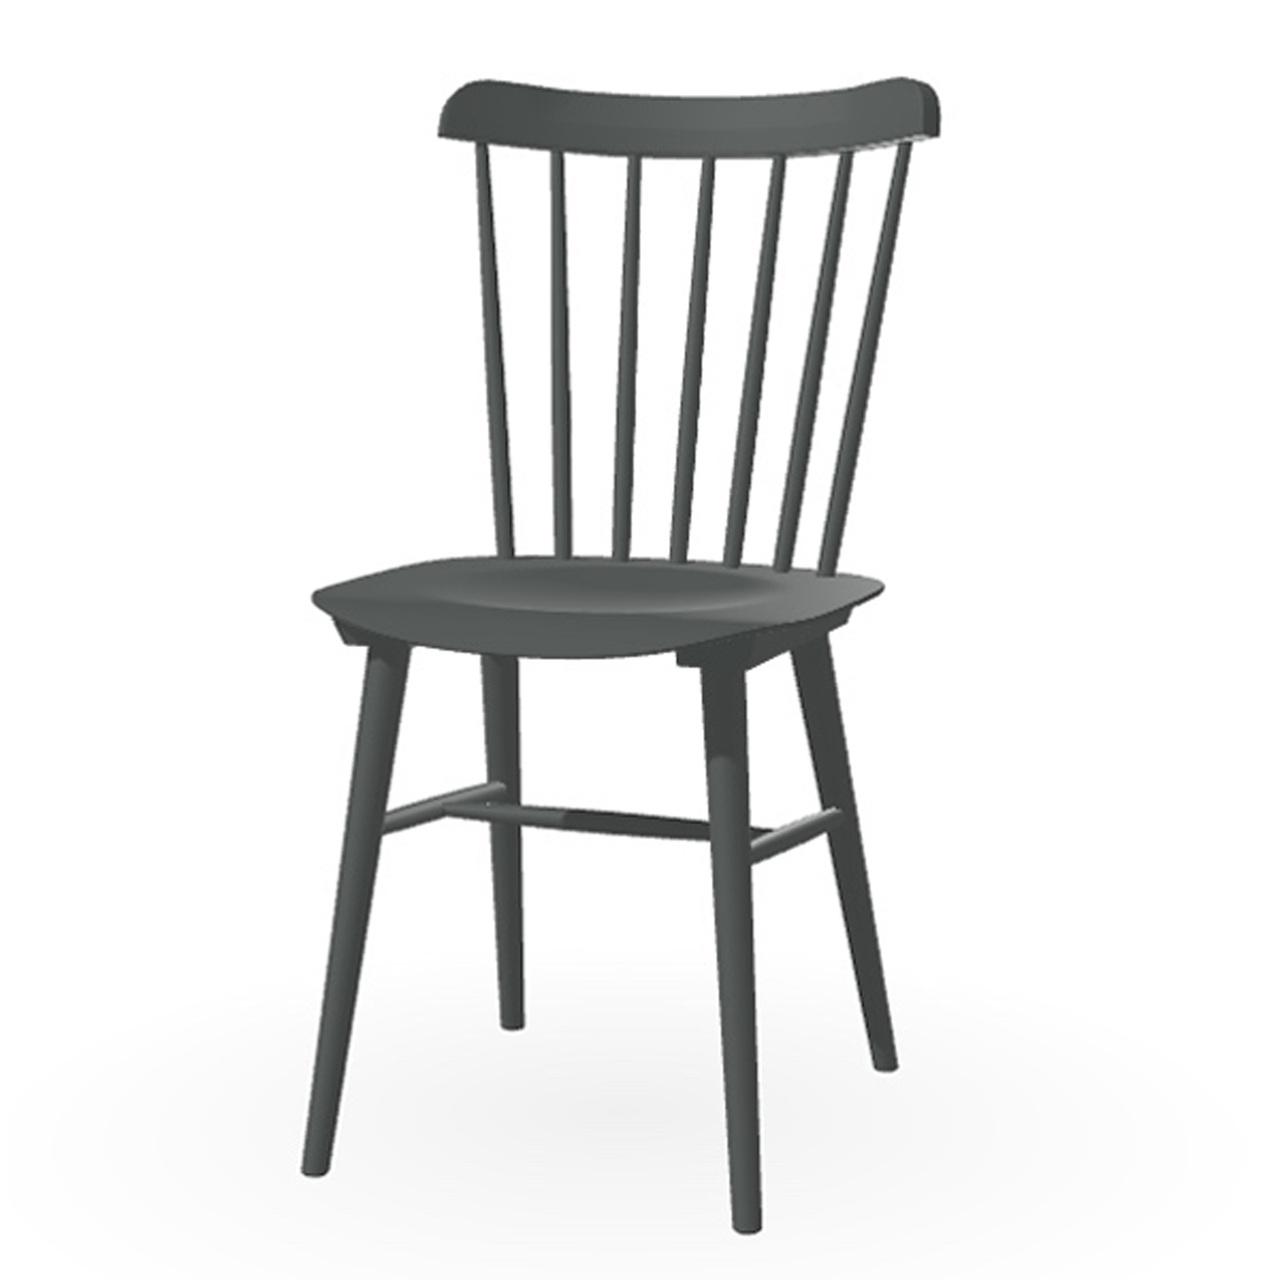 Ton Stuhl im Retro-Stil für den Esstisch  Eiche Pigmentiert Dunkelgrau (B 38),  Dunkle Filzgleiter